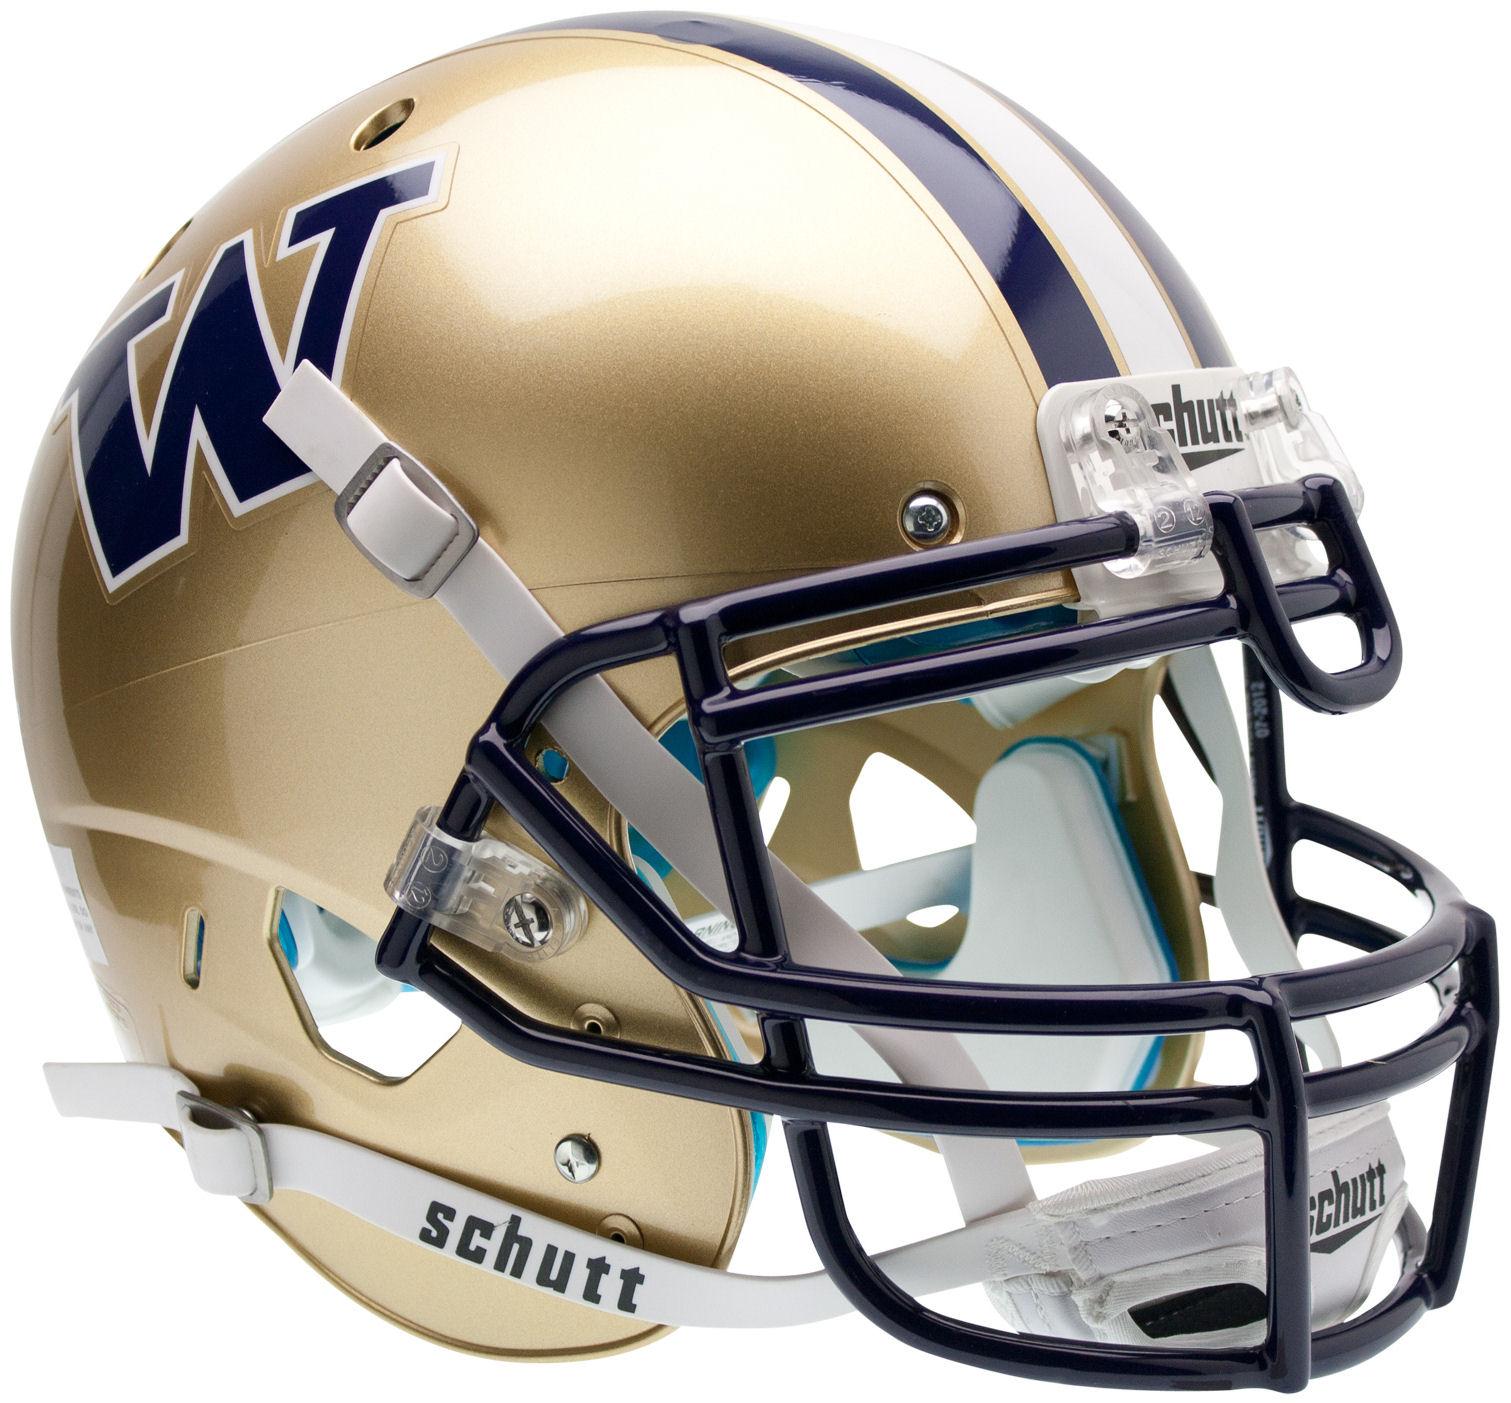 Washington Huskies Authentic College XP Football Helmet Schutt